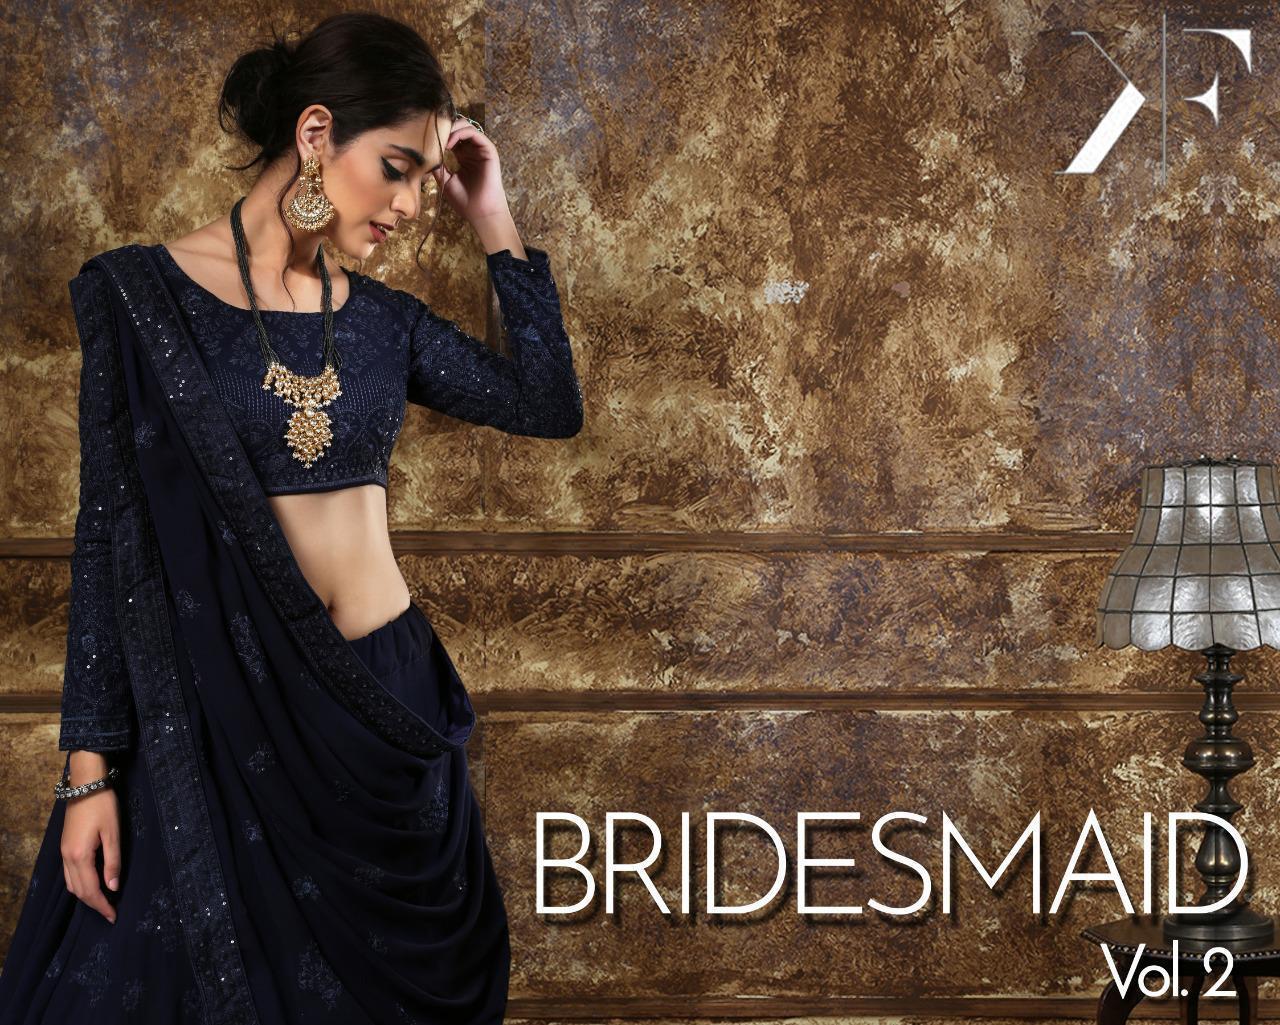 Bridesmaid Vol 2